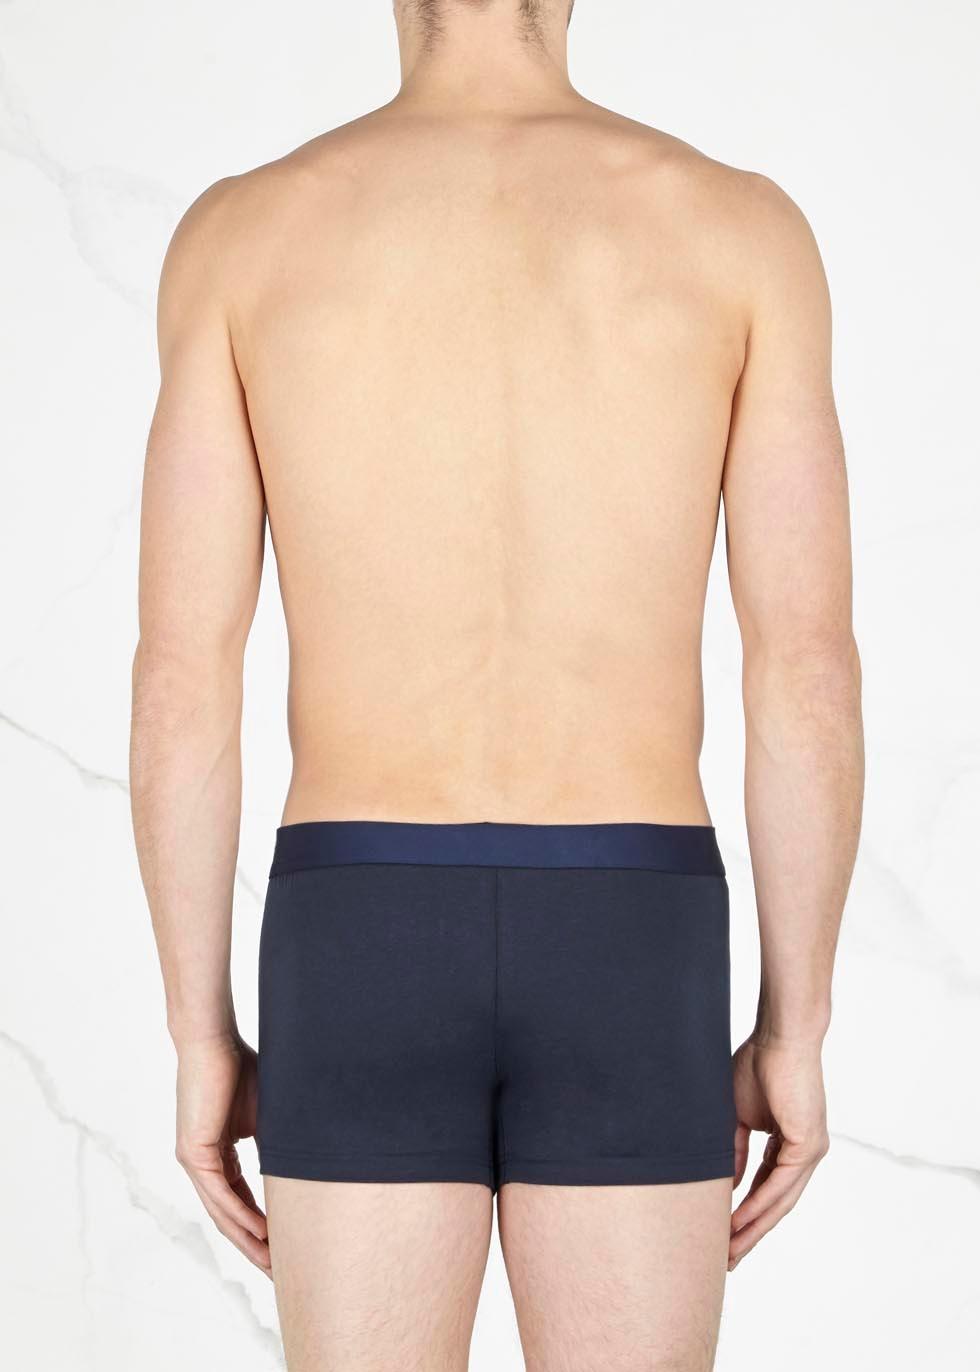 Navy stretch cotton boxer briefs - Dolce & Gabbana